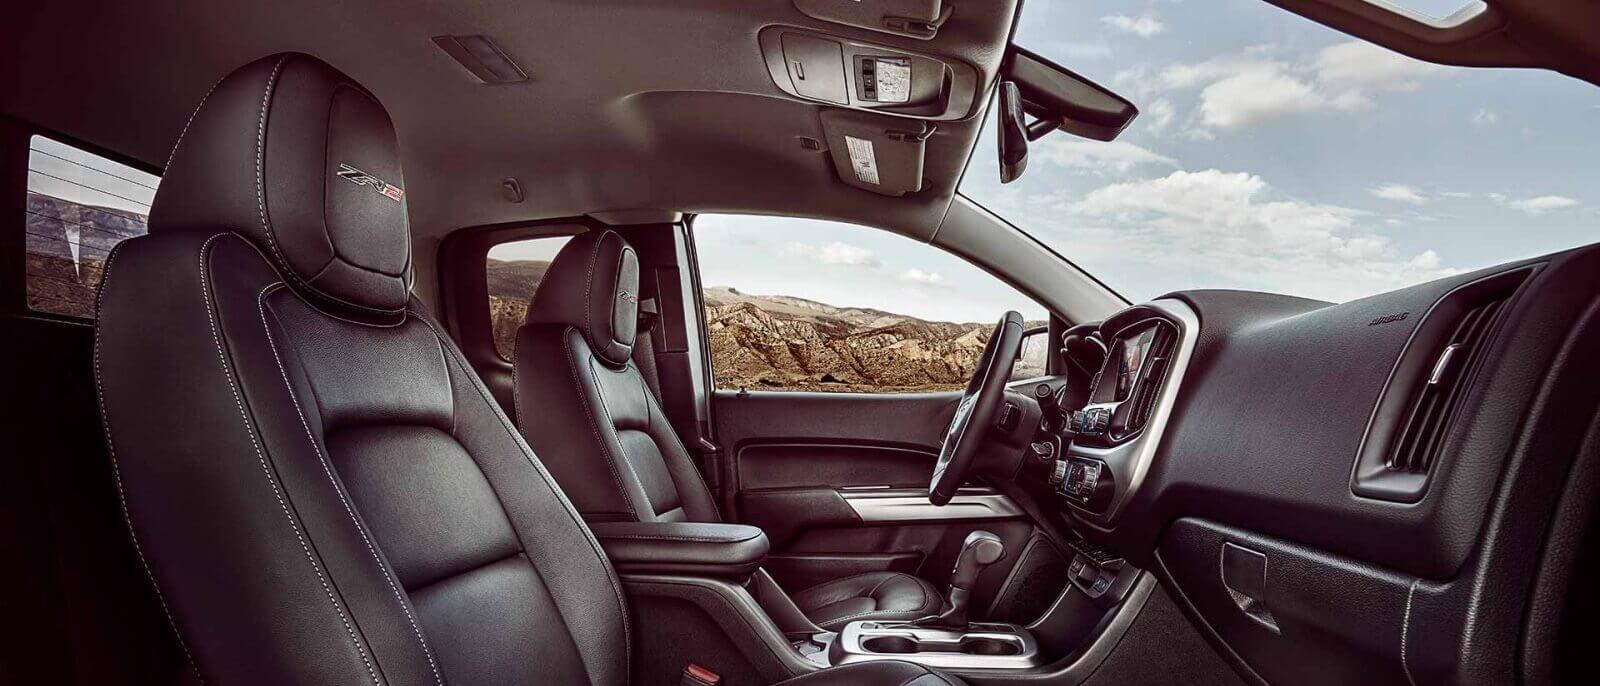 2017 Chevy Colorado Interior ...